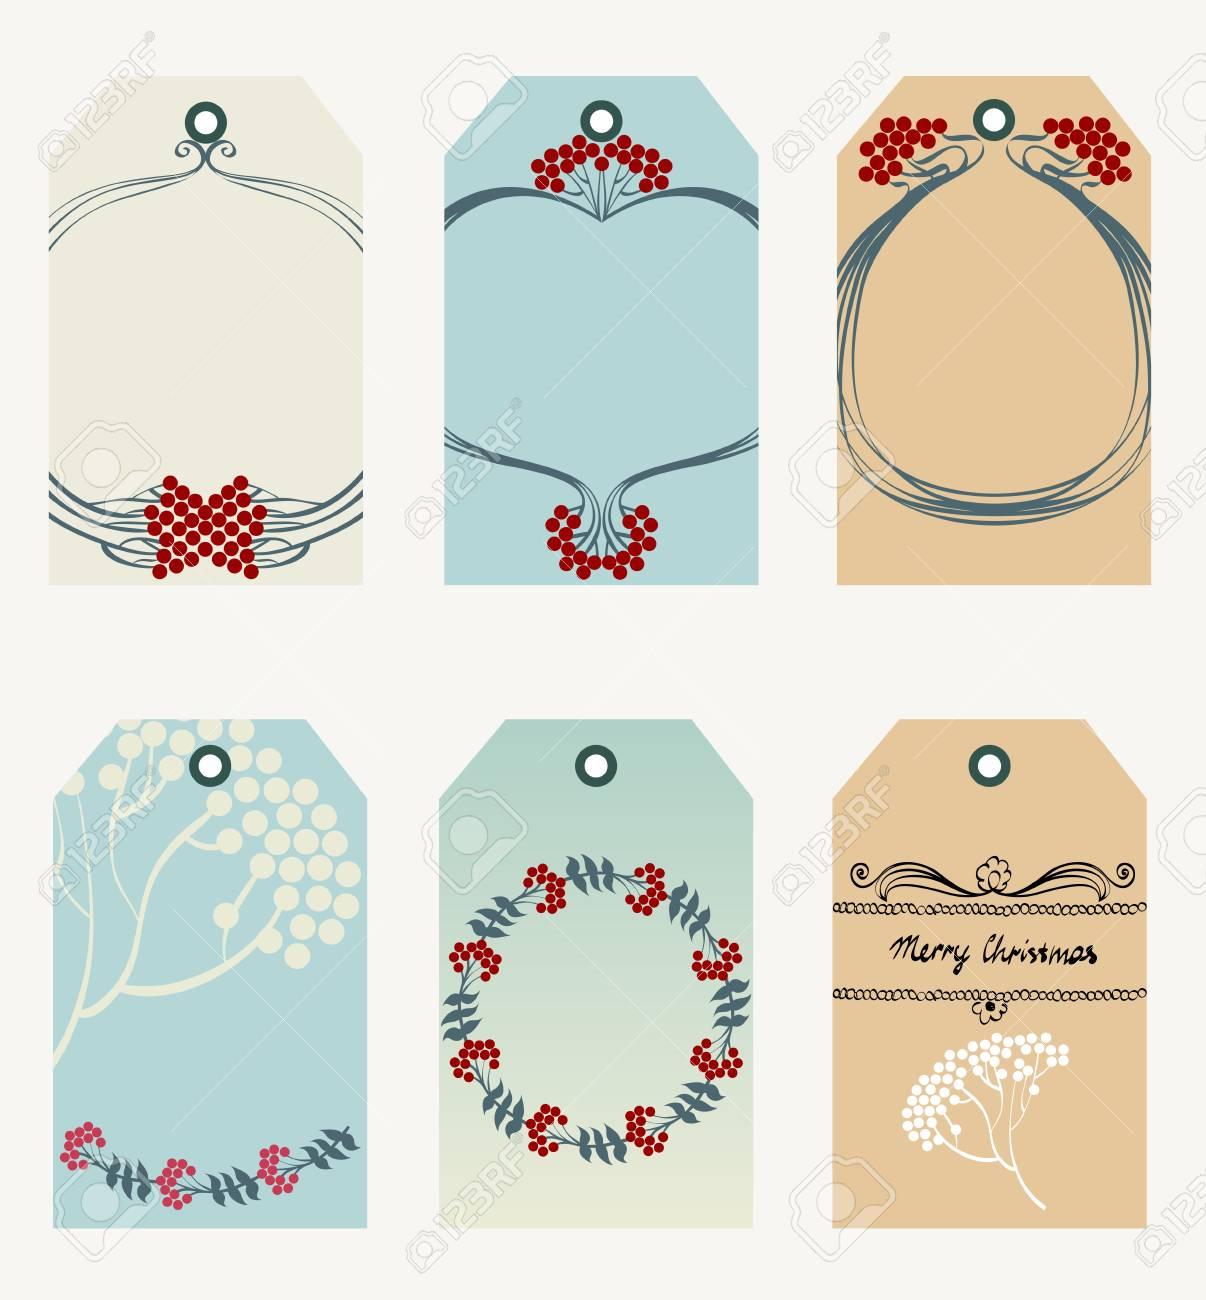 Merry Christmas Gift Tags.Merry Christmas And Happy New Year Tags Christmas Gift Tags